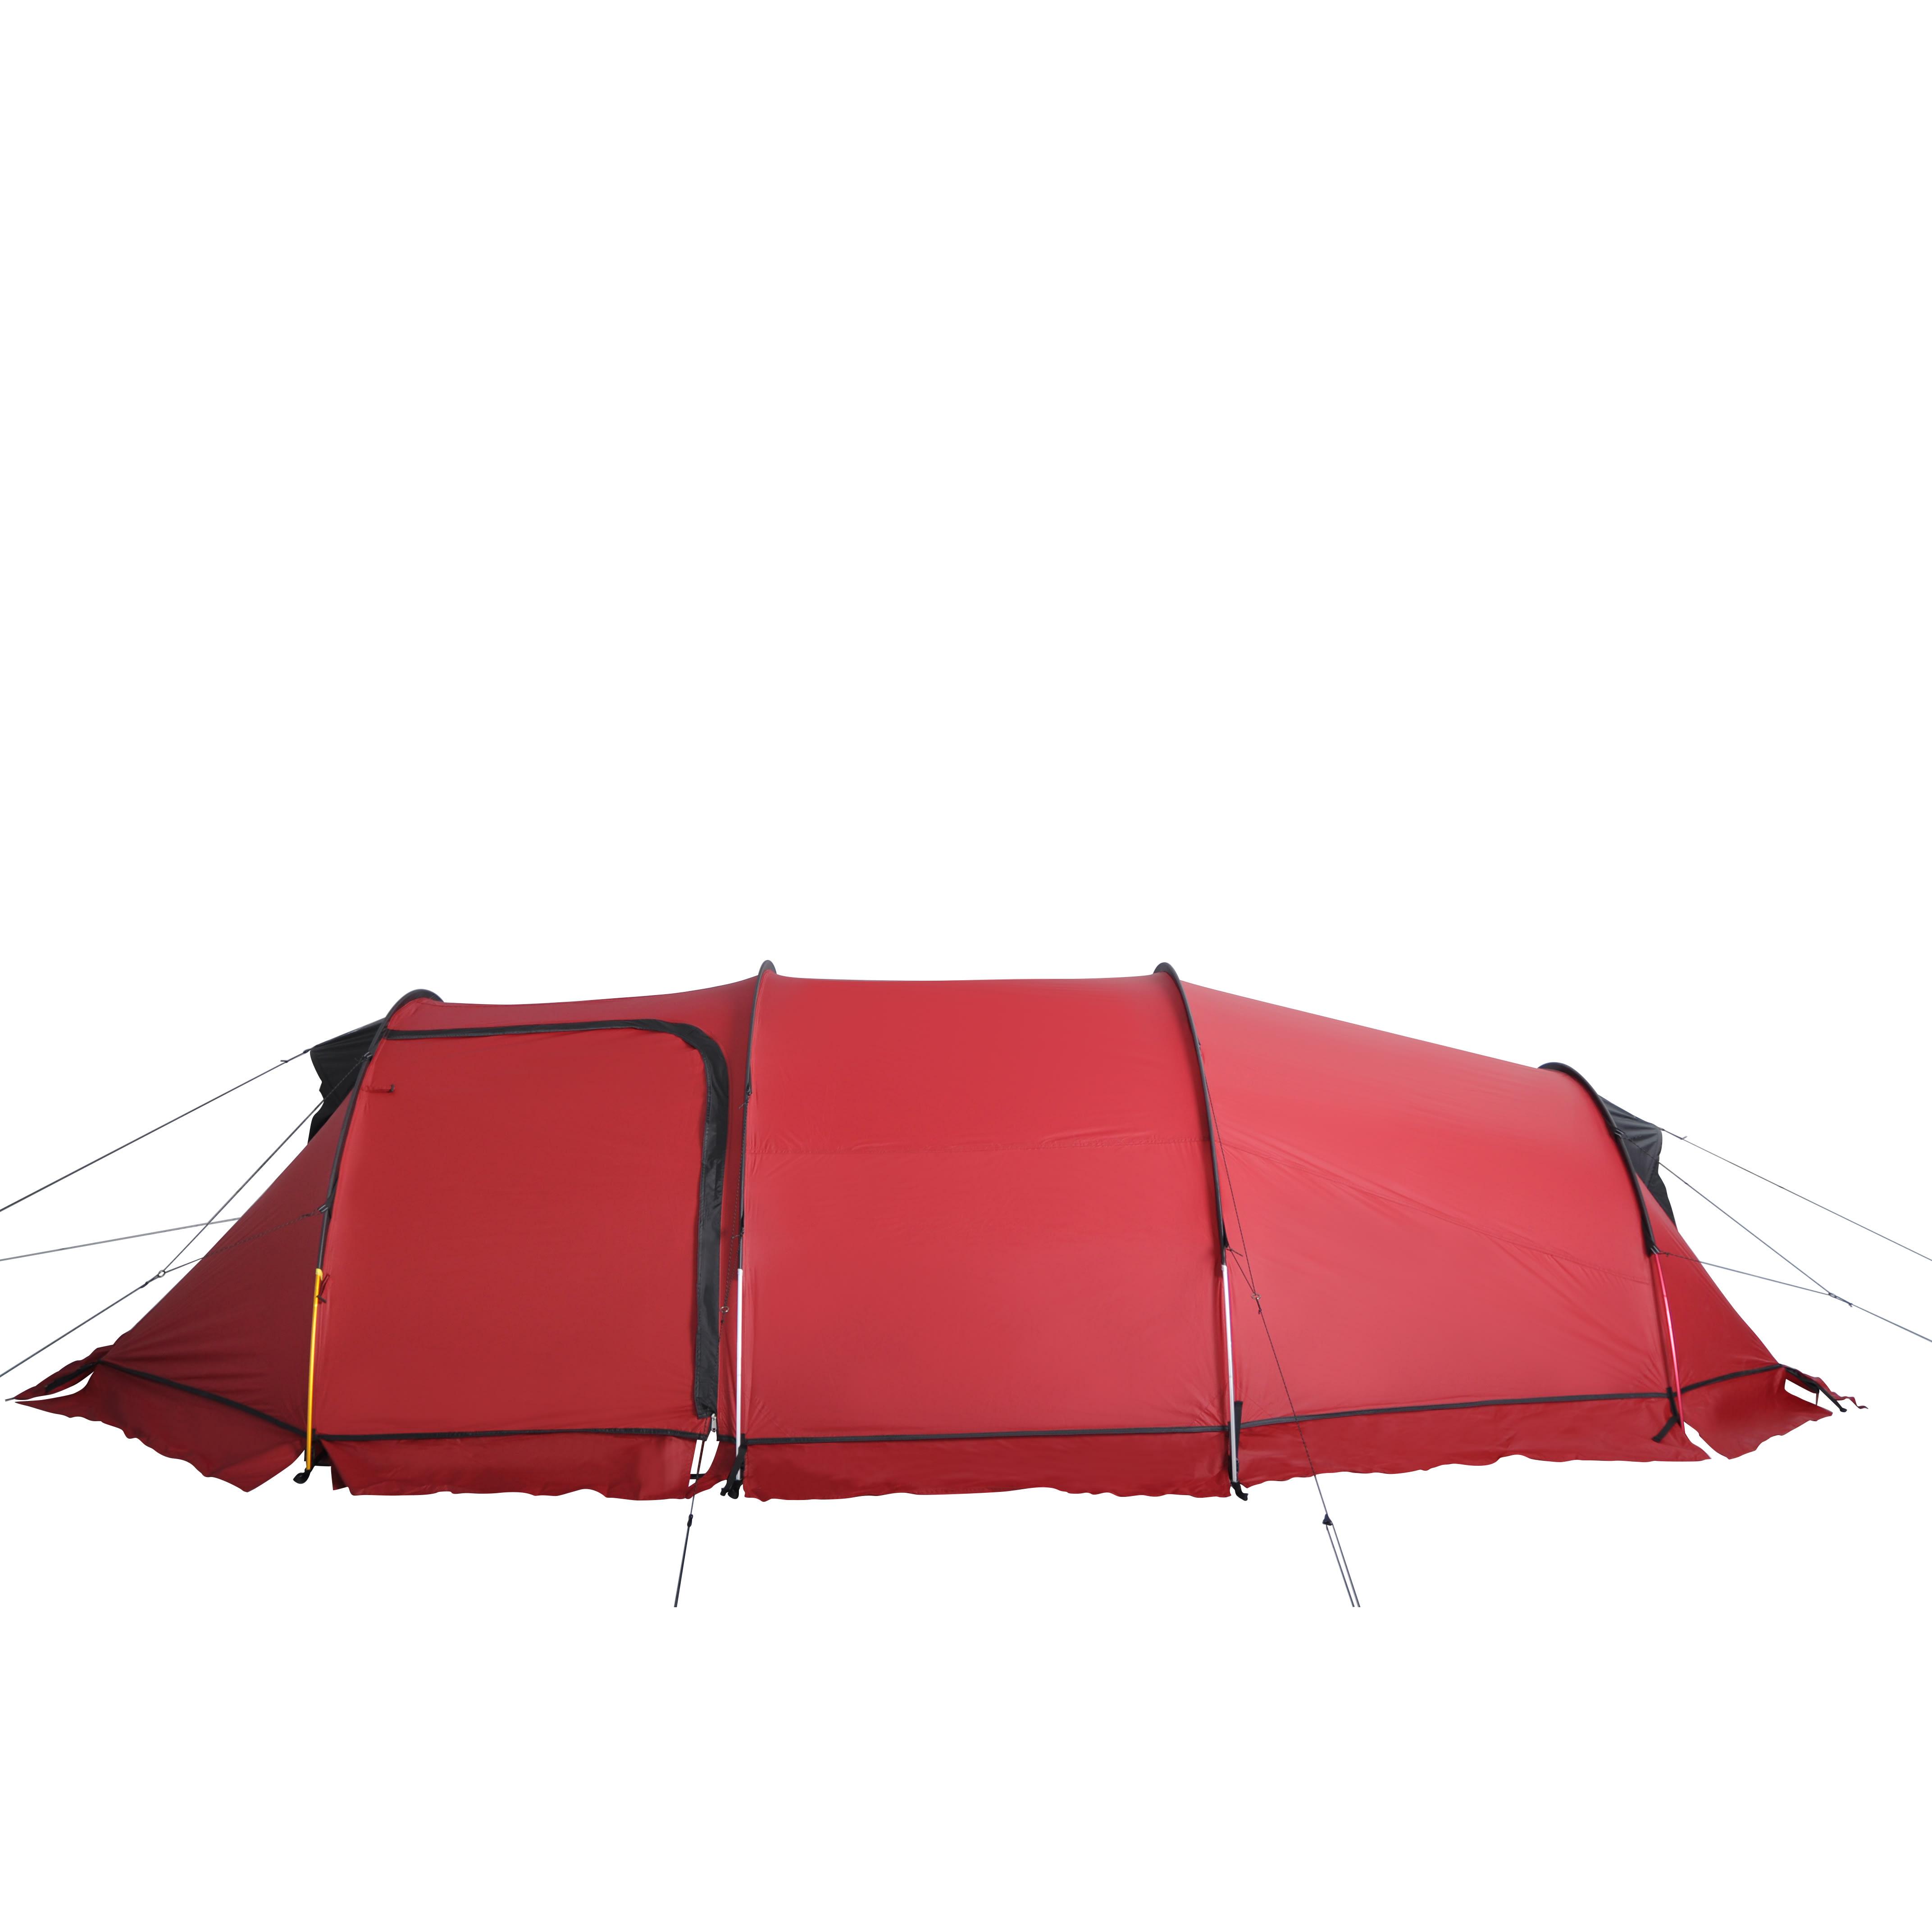 Urberg 2 Person Plus Ultralight SF 2 personers telt køb